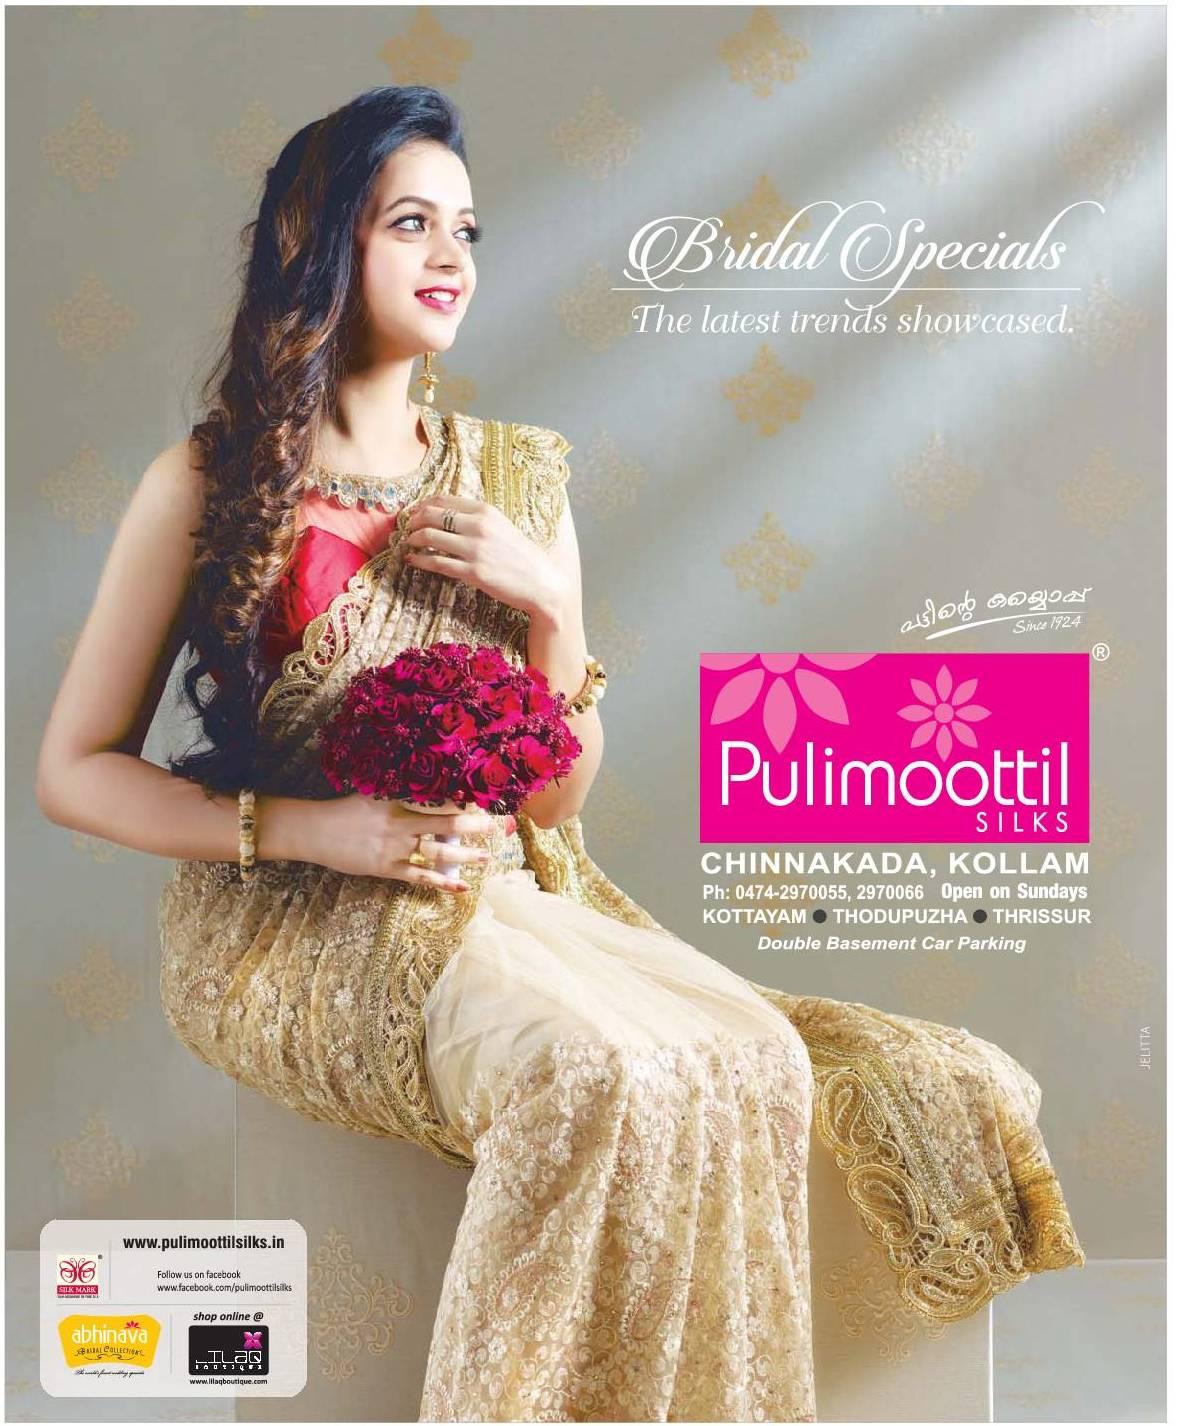 Pulimoottil silks kollam bhavana latest advertisements 2016 news pulimoottil silks kollam bhavana latest advertisements 2016 thecheapjerseys Gallery